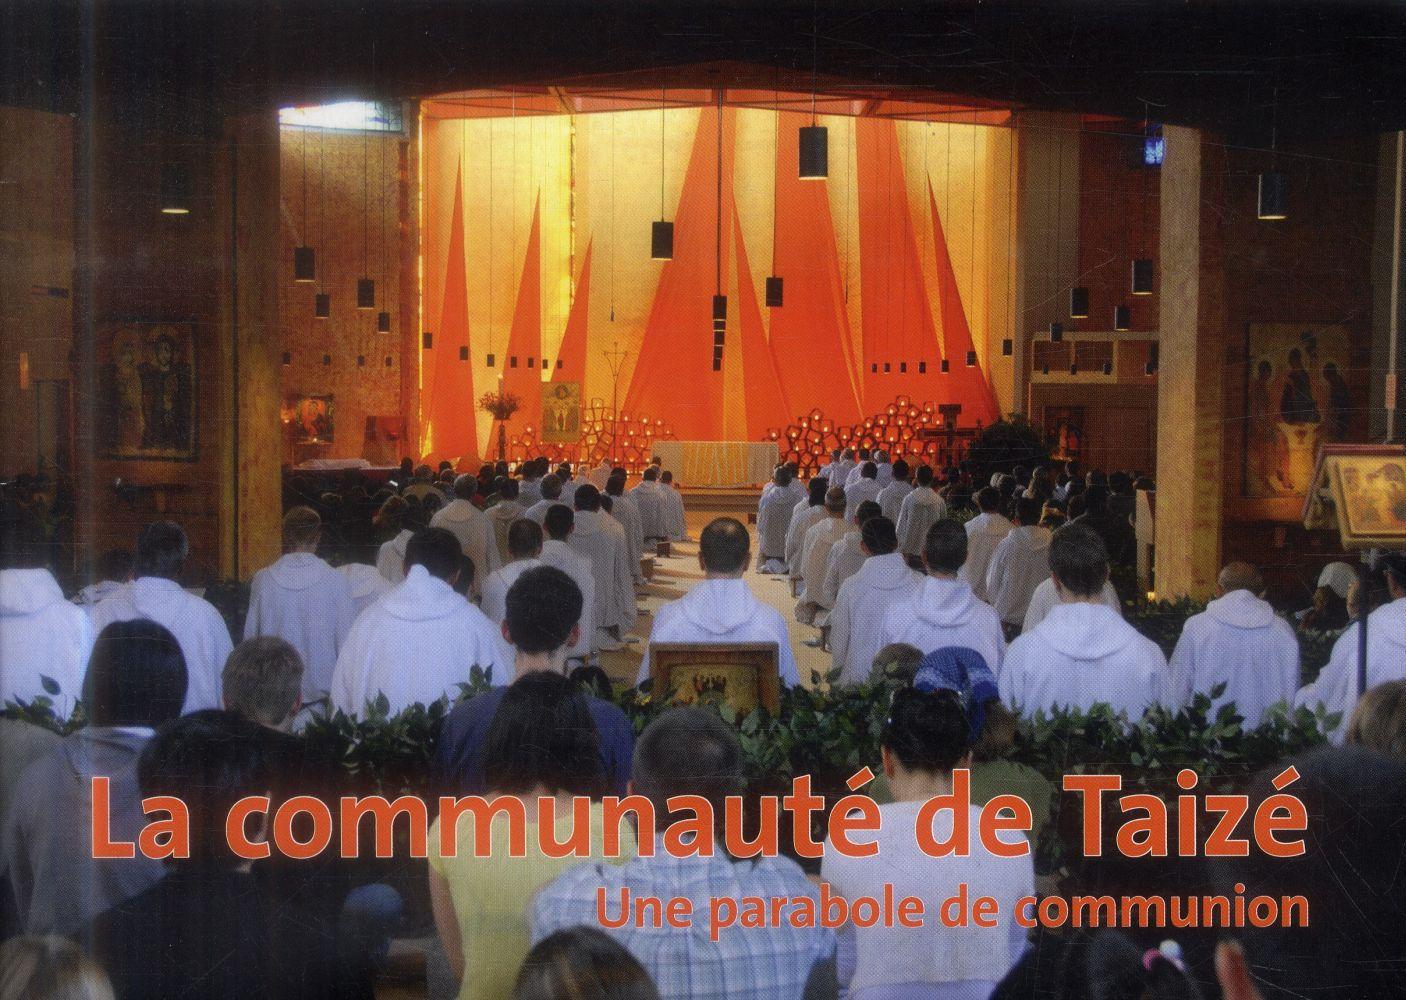 La communauté de Taizé ; une parabole de communion